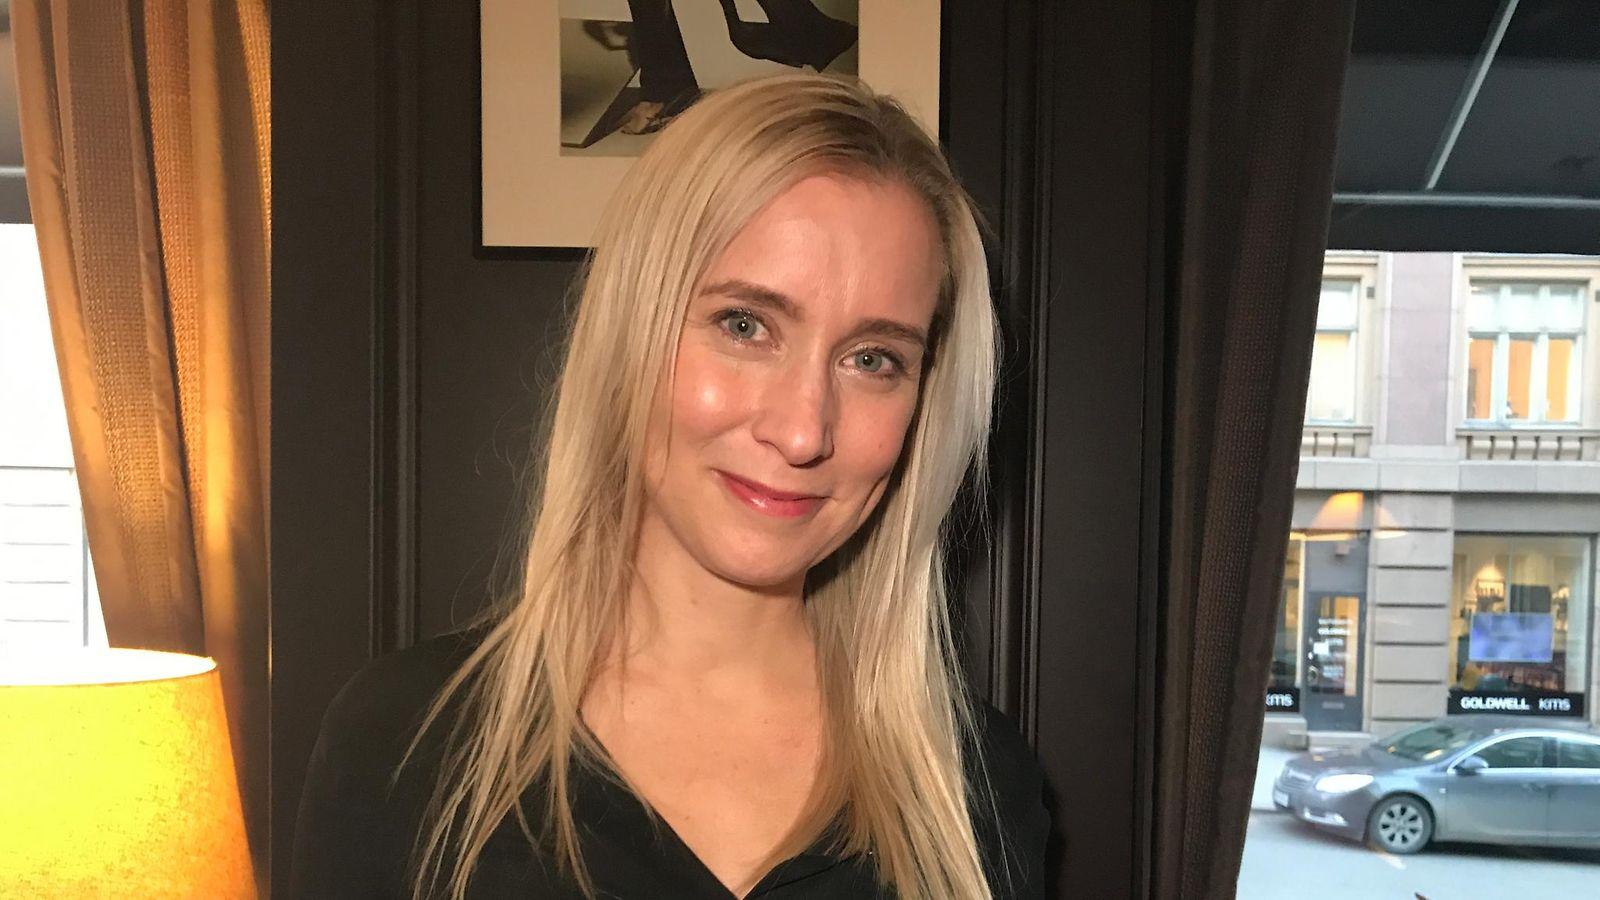 Nora Rinne